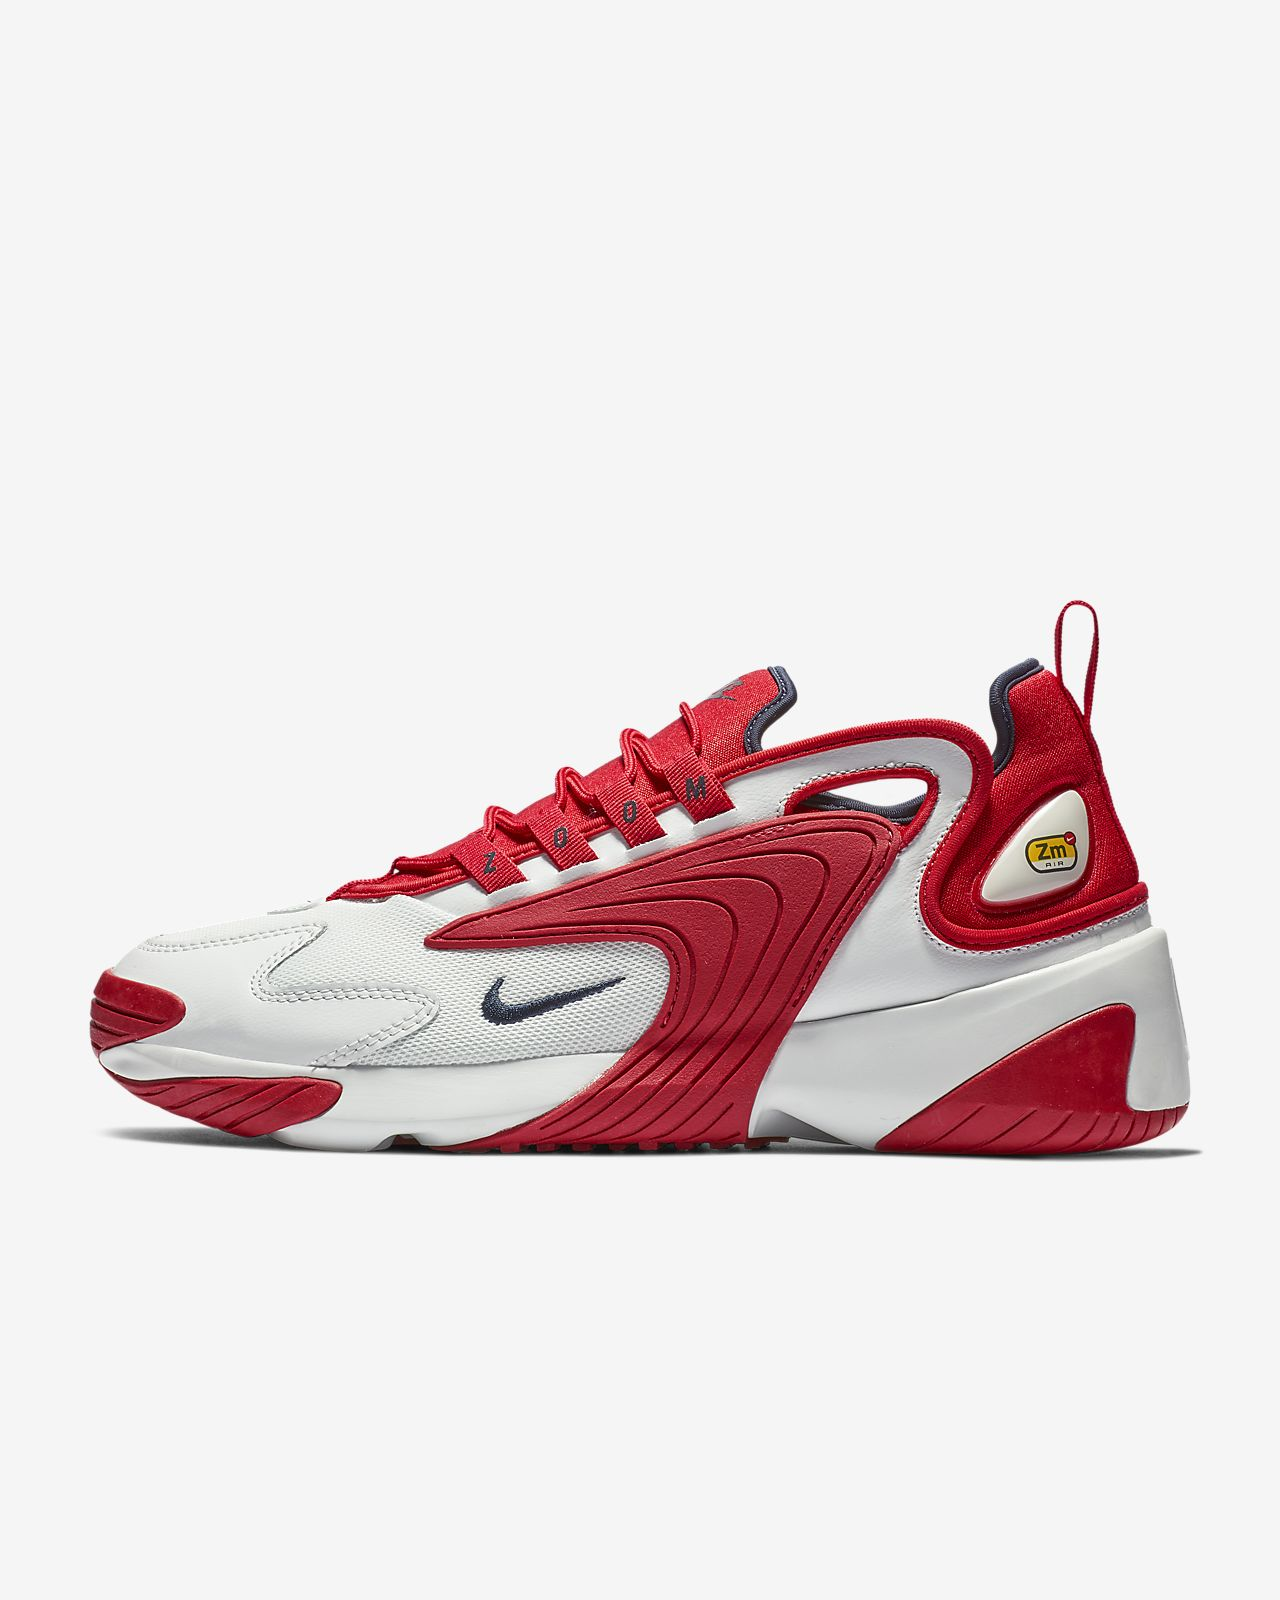 best sneakers e97e2 e5dba Men s Shoe. Nike Zoom 2K